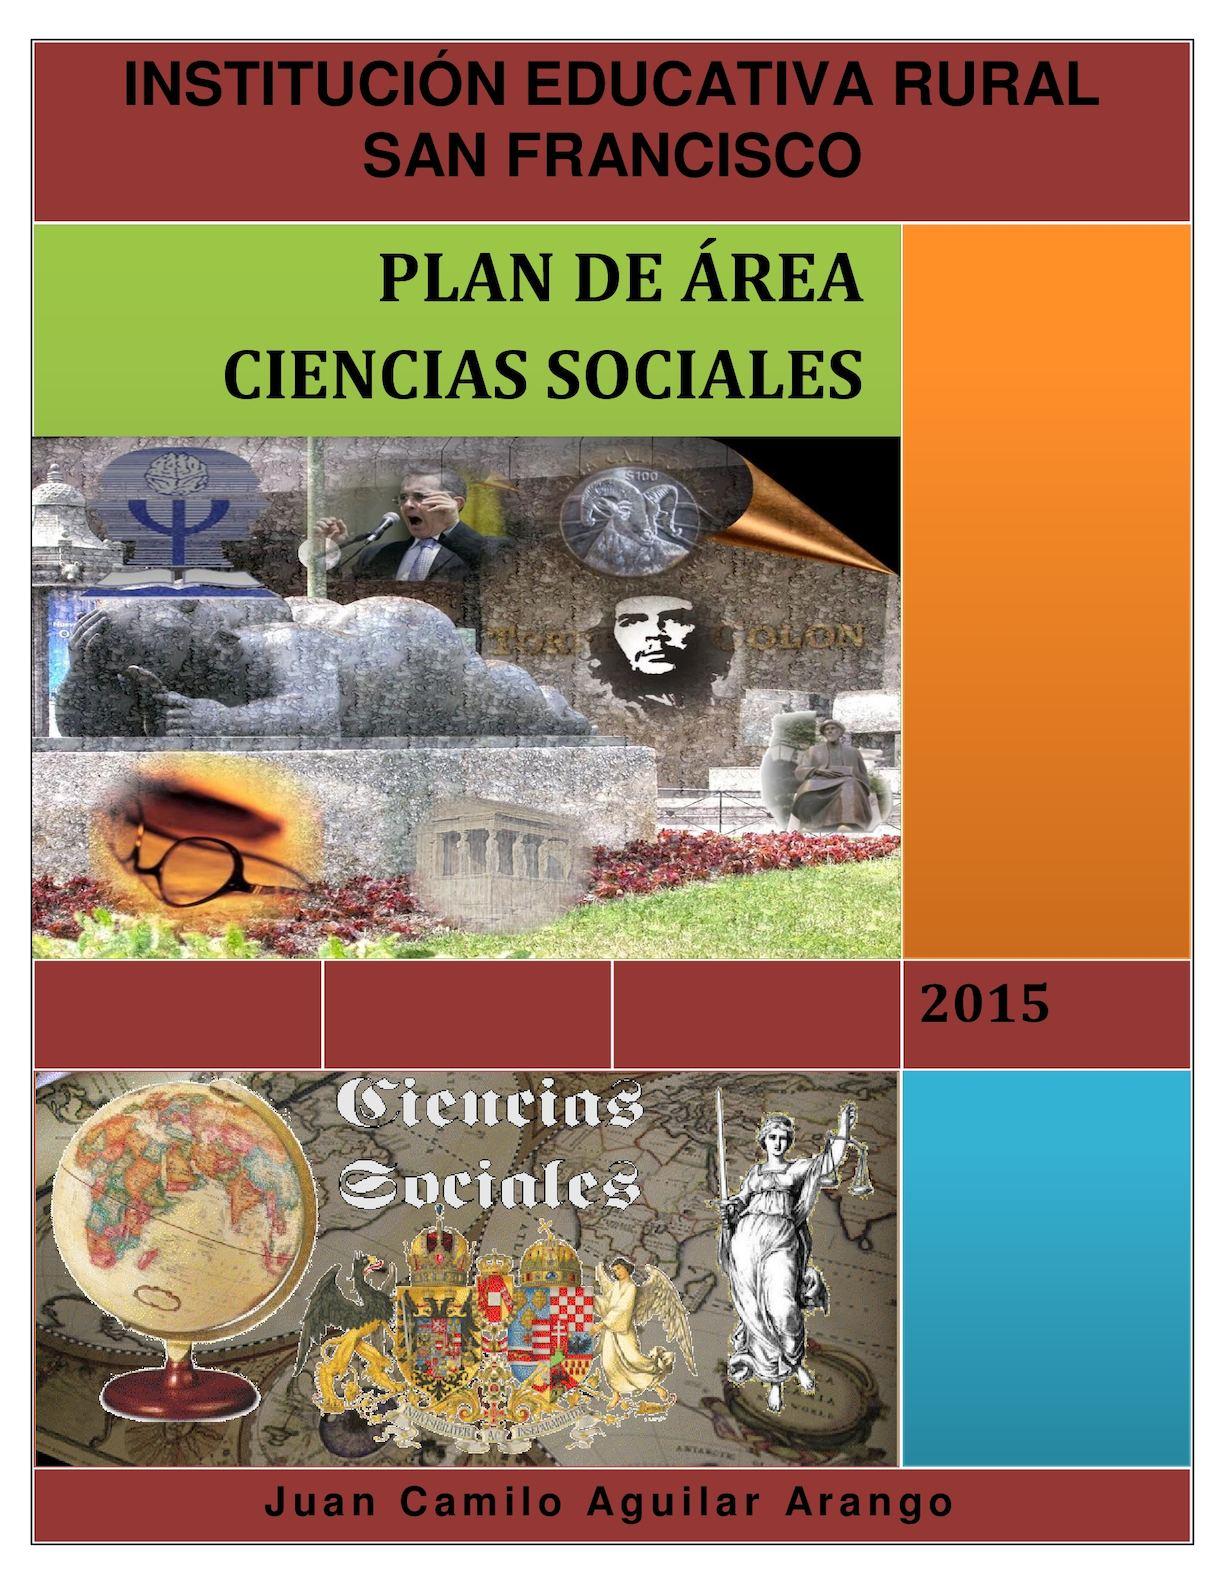 Plan De Area Ciencias Sociales San Francisco